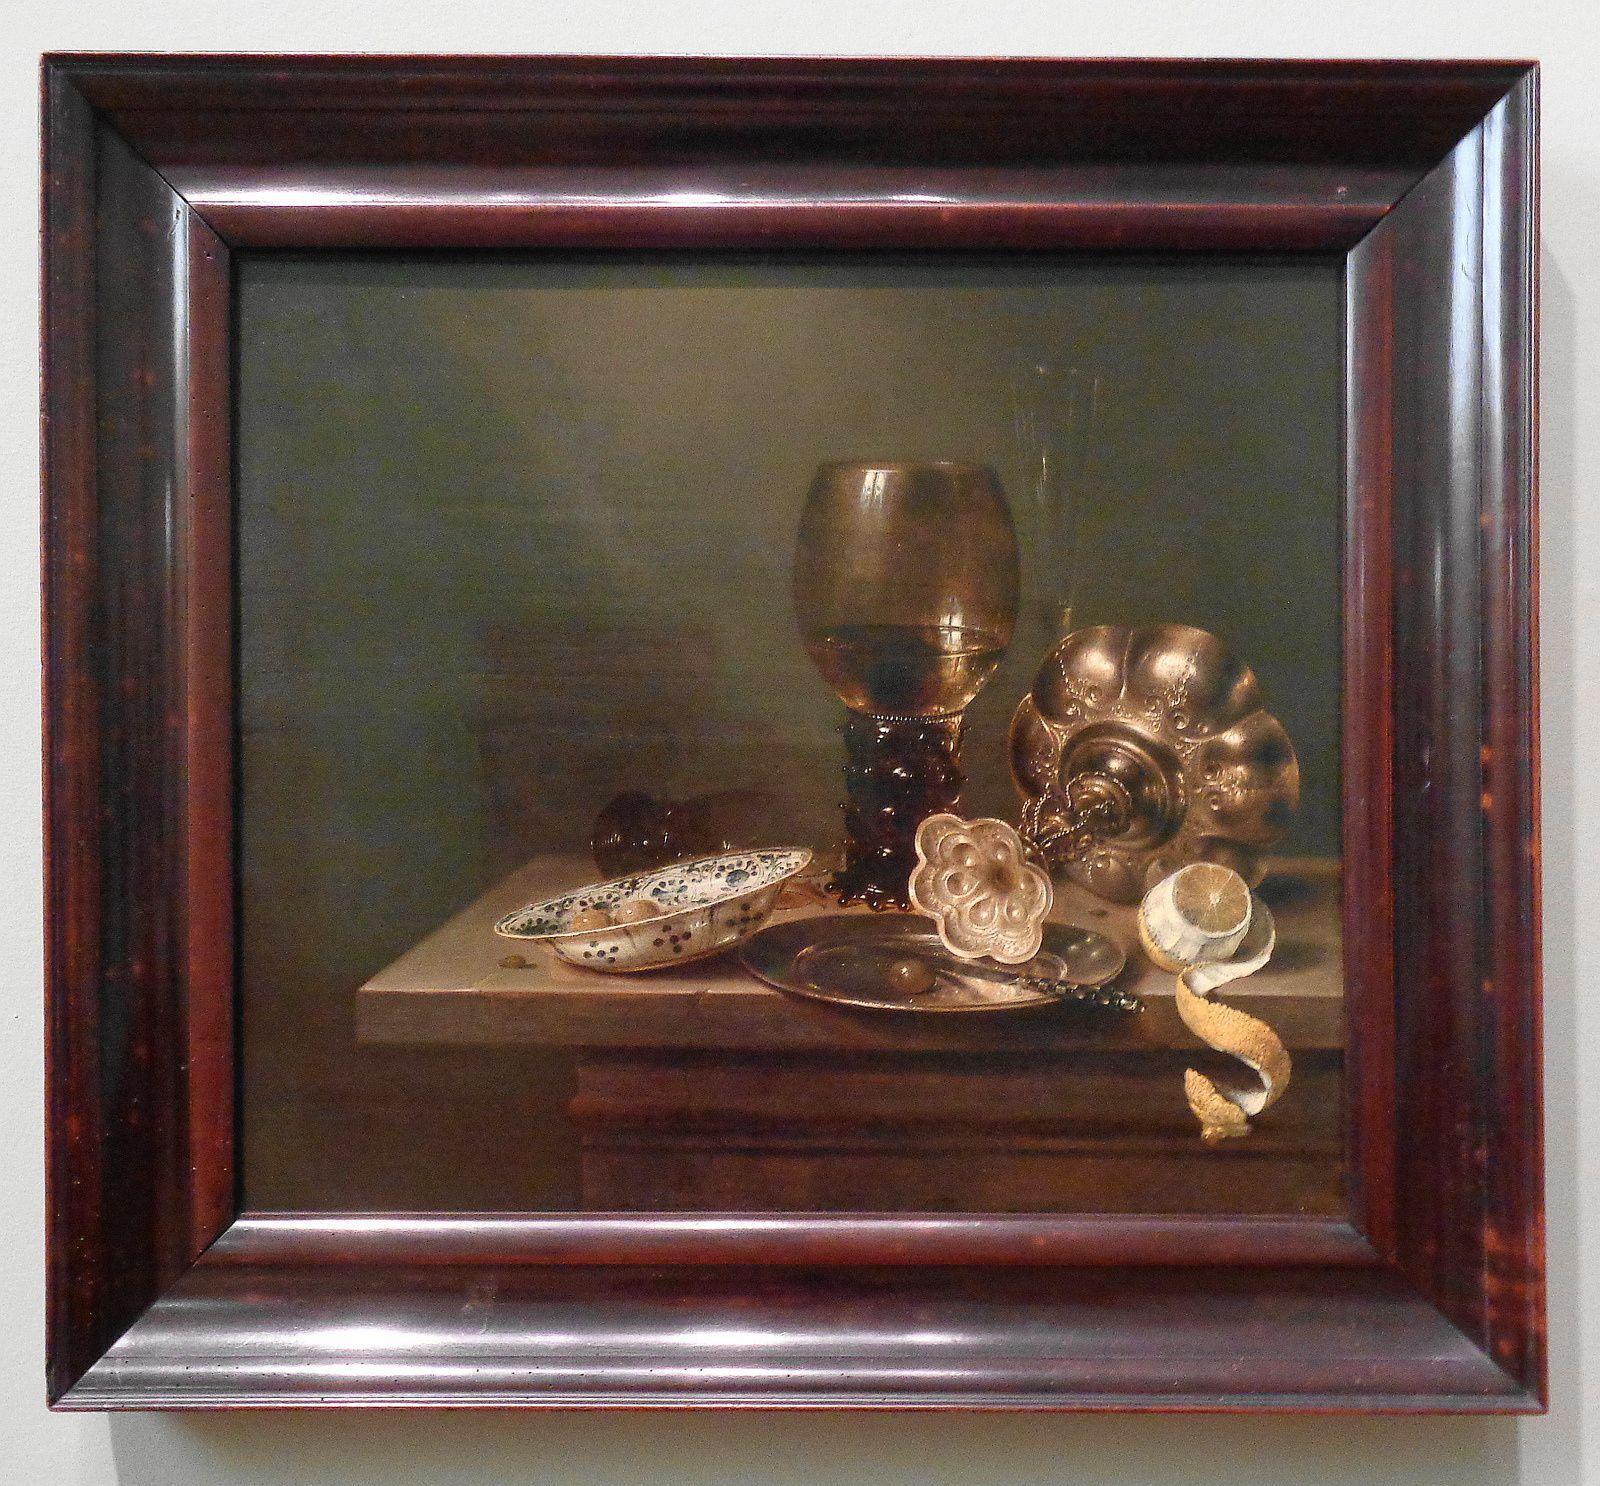 Nature morte avec assiette et coupe - Willem Claesz Heda - 1649